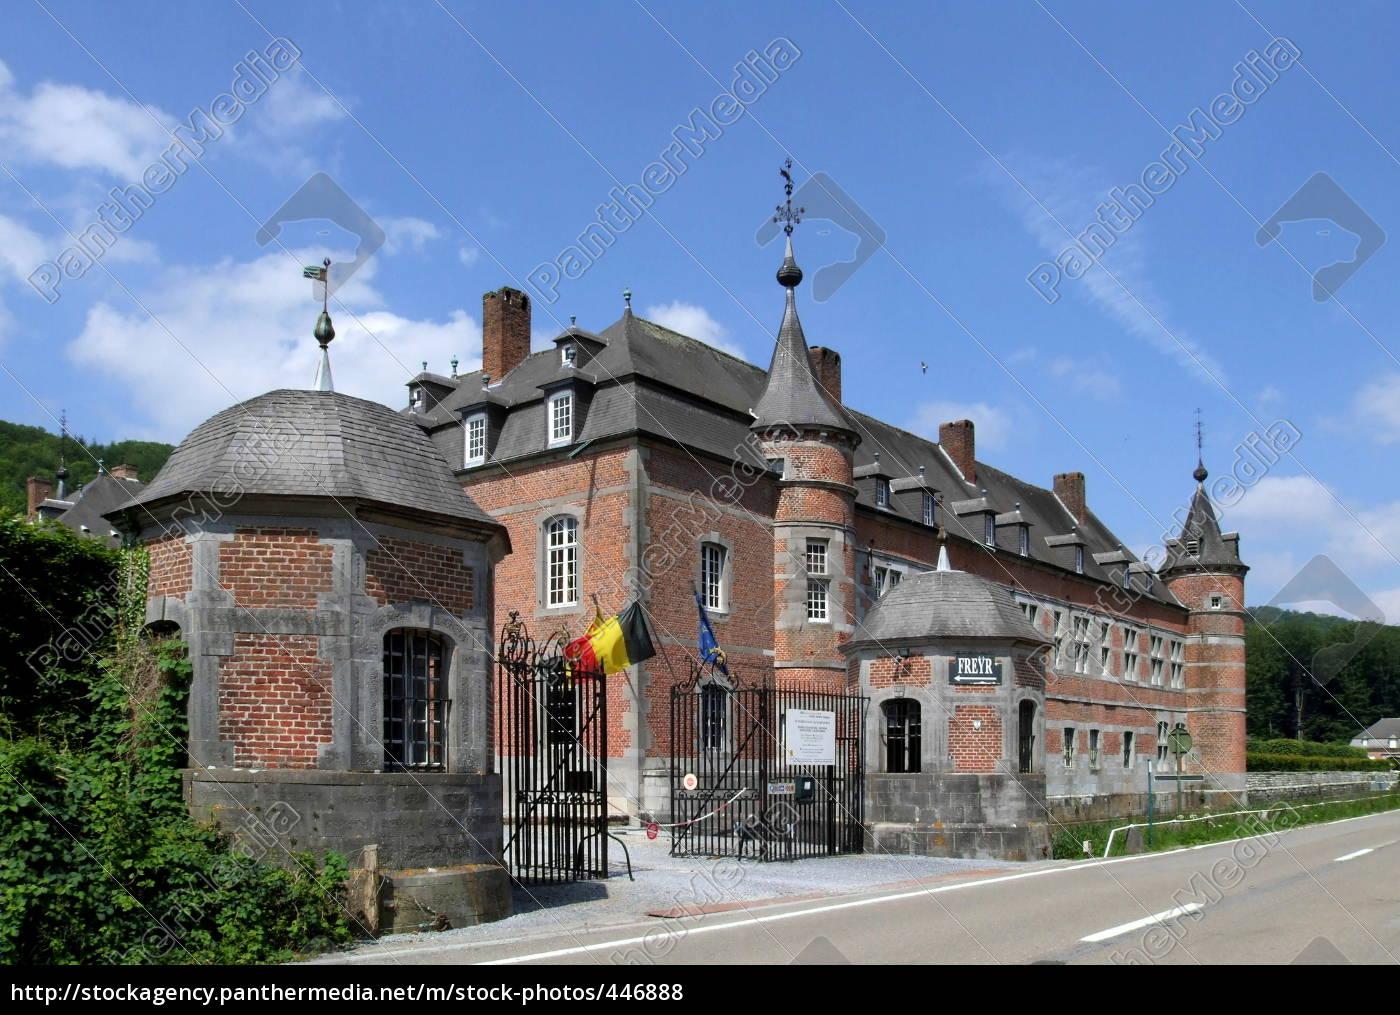 chateau, de, freyr - 446888